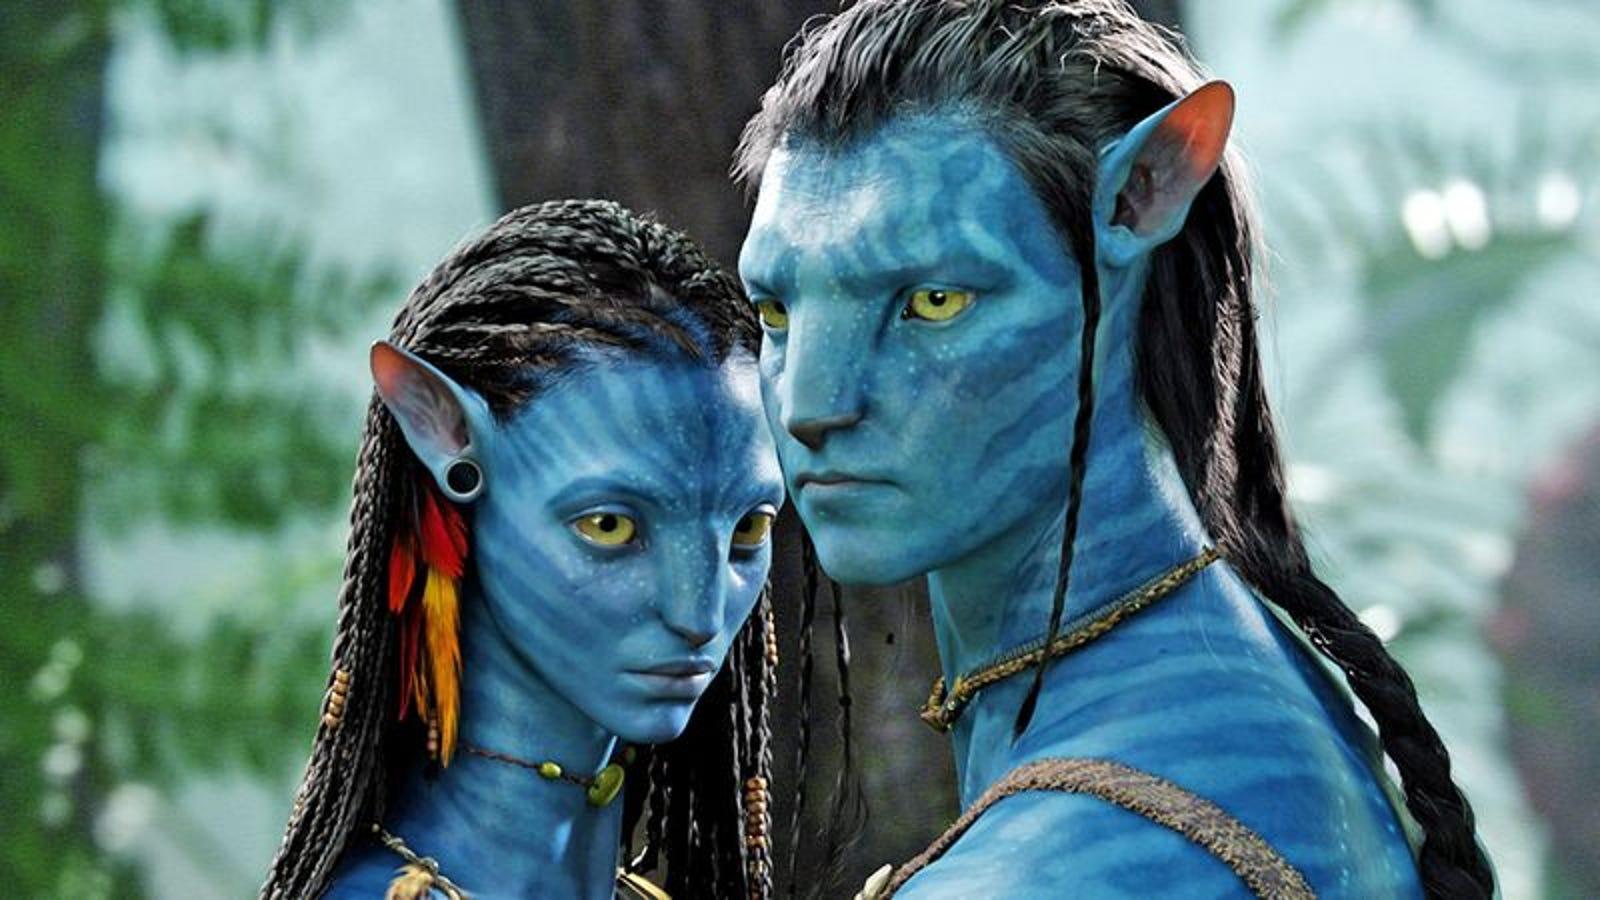 Resultado de imagem para avatar movie